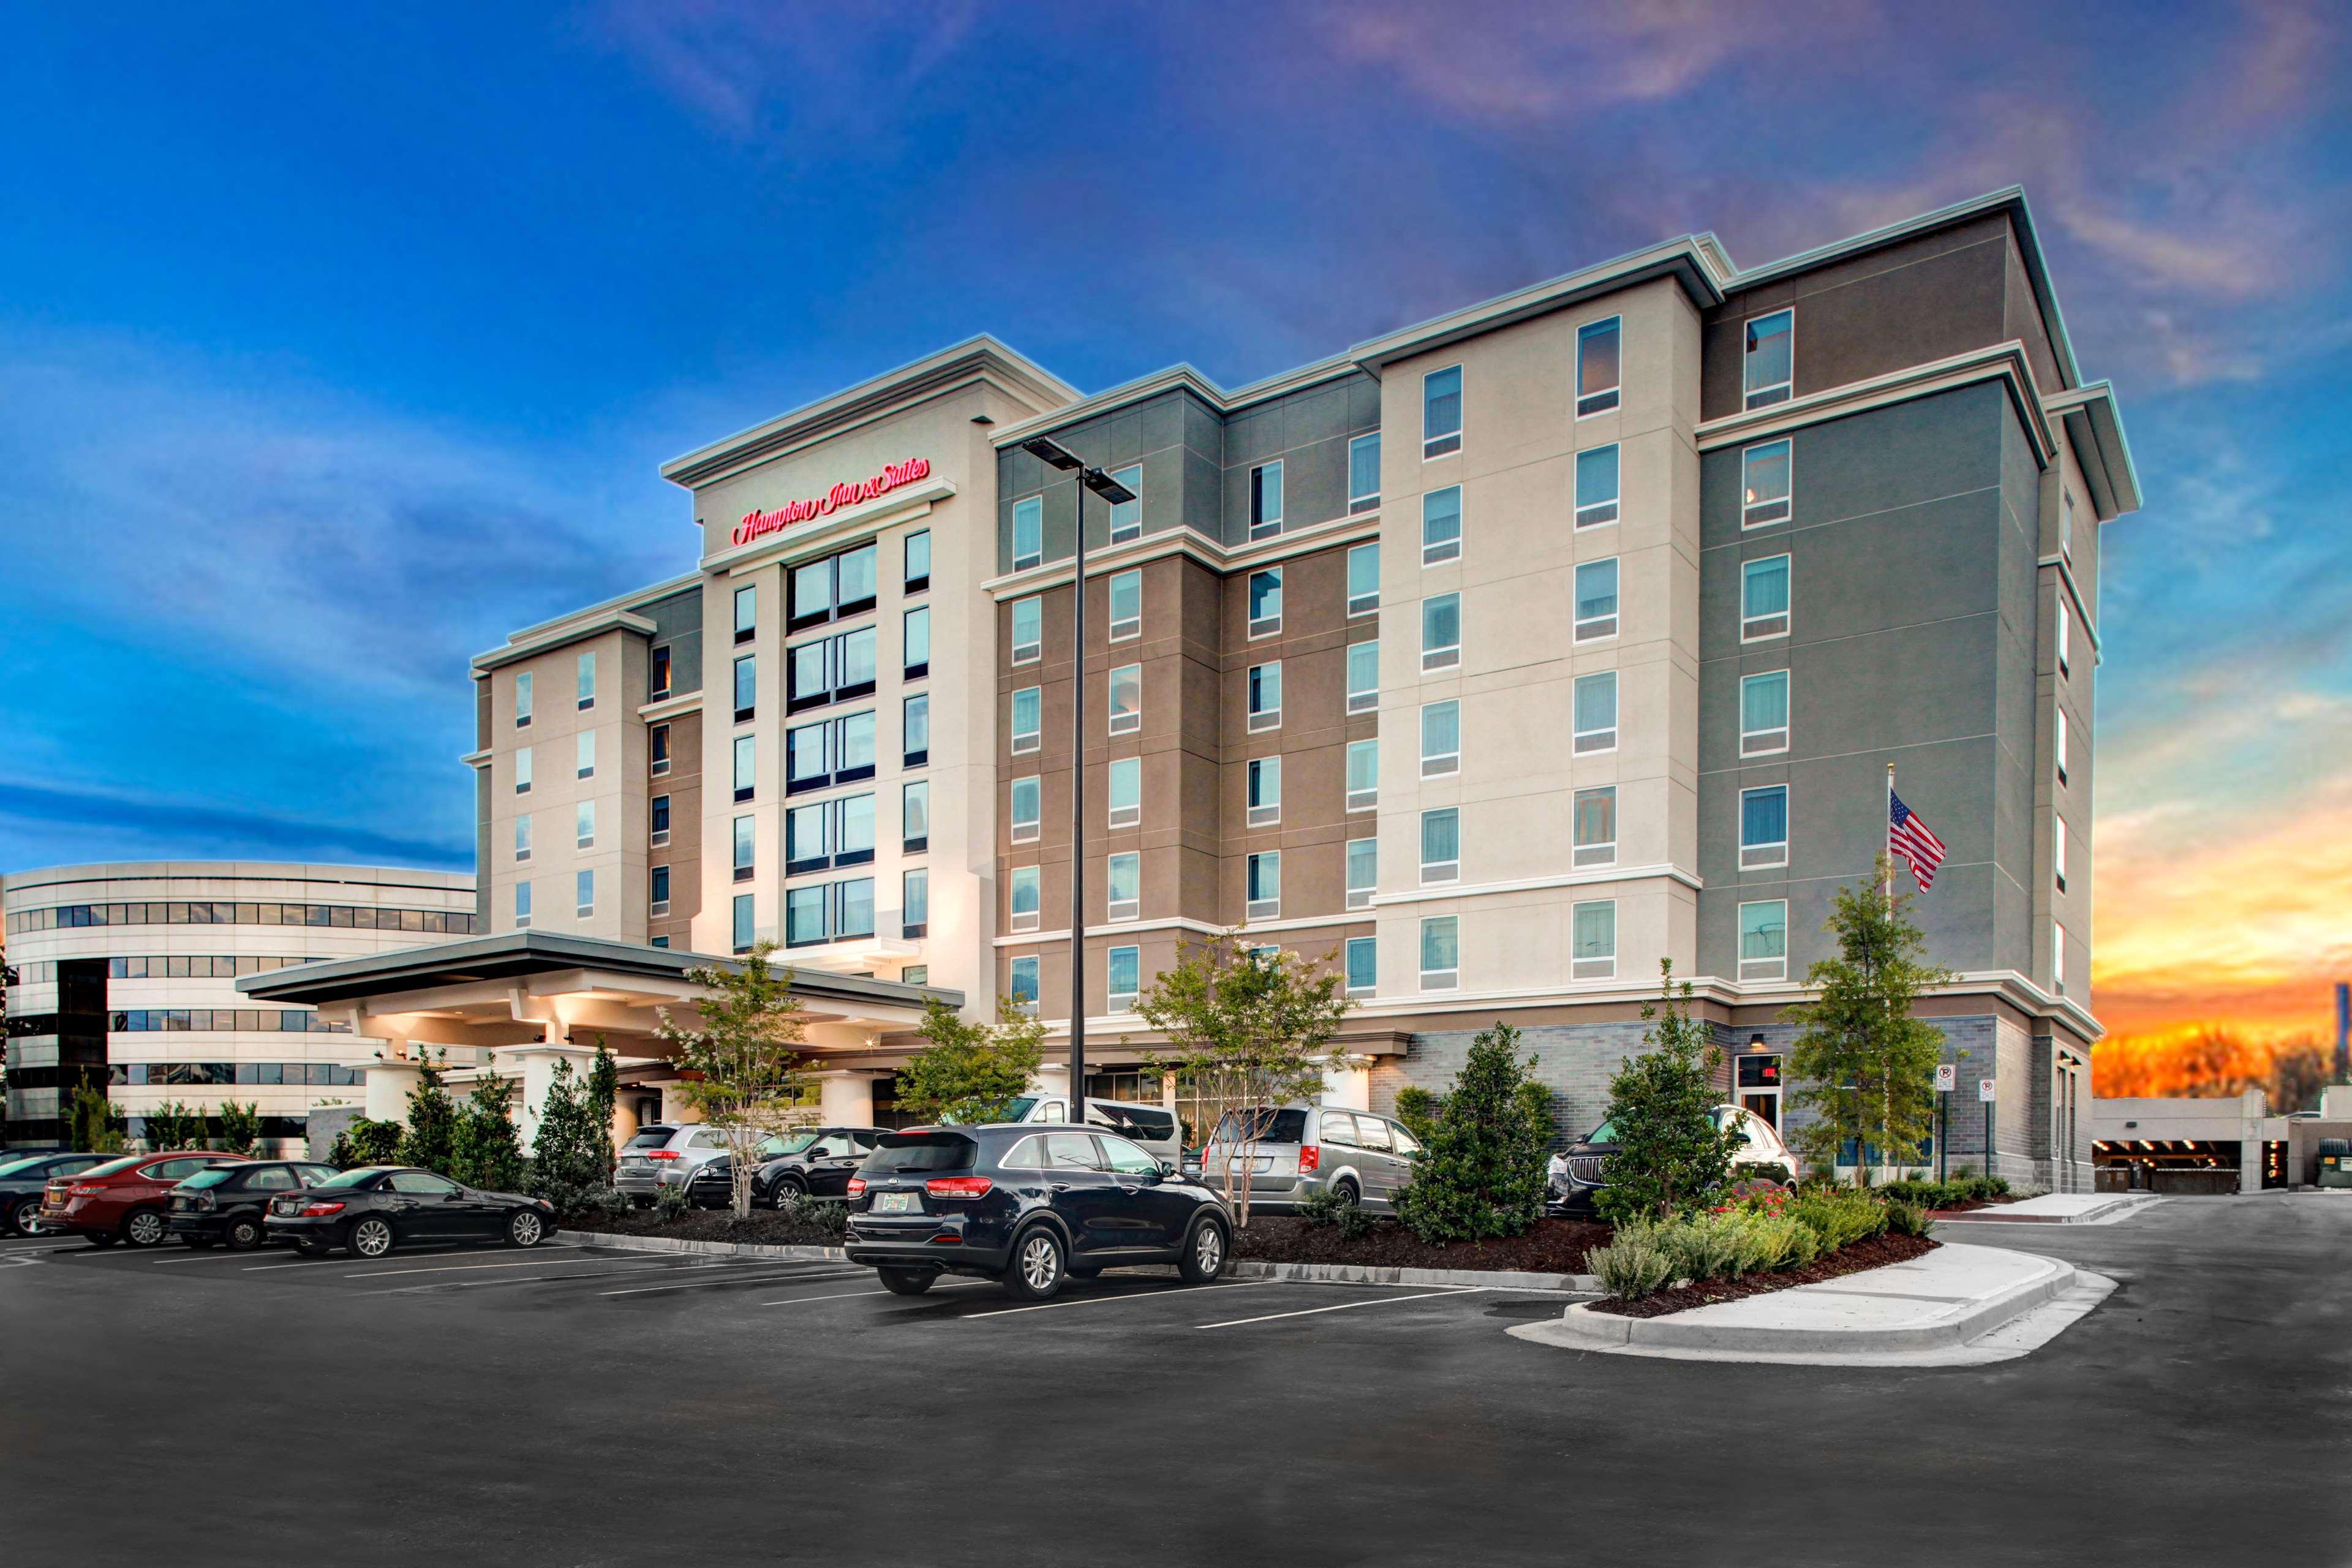 Hampton Inn & Suites by Hilton Atlanta Perimeter Dunwoody image 0